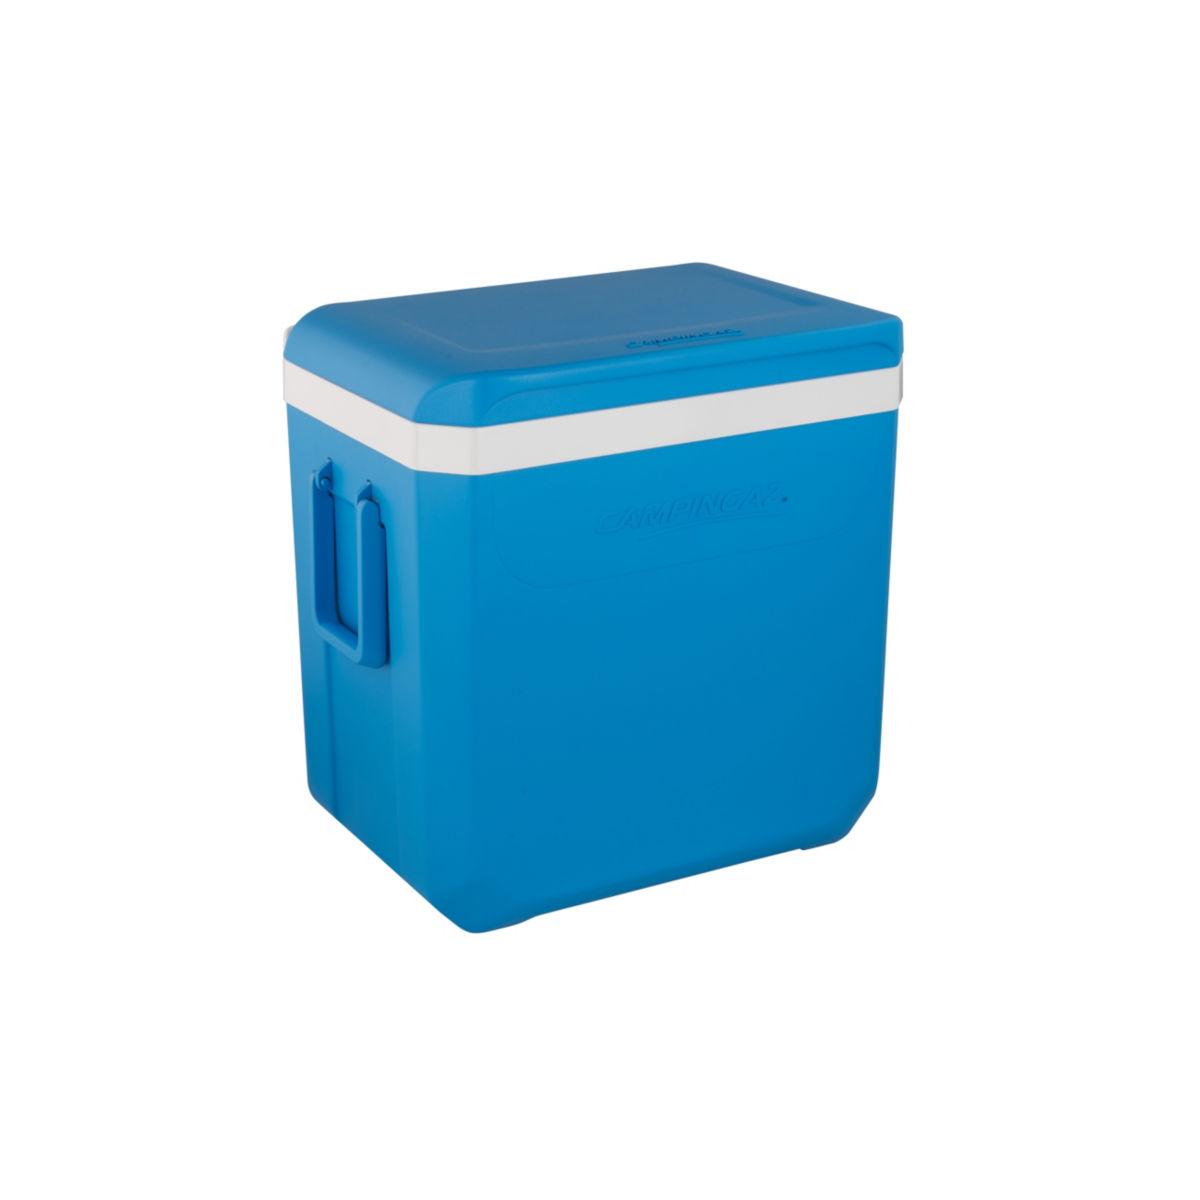 Контейнер изотермический Campingaz Icetime Plus 42LИзотермические контейнеры ICETIME® PLUS. Легкие и удобные для транспортировки. <br><br>Объем 42 л<br>Держат     холод до 29 часов при использовании аккумуляторов холода Freez Packs<br>Эргономичная ручка, запирающаяся крышка<br>